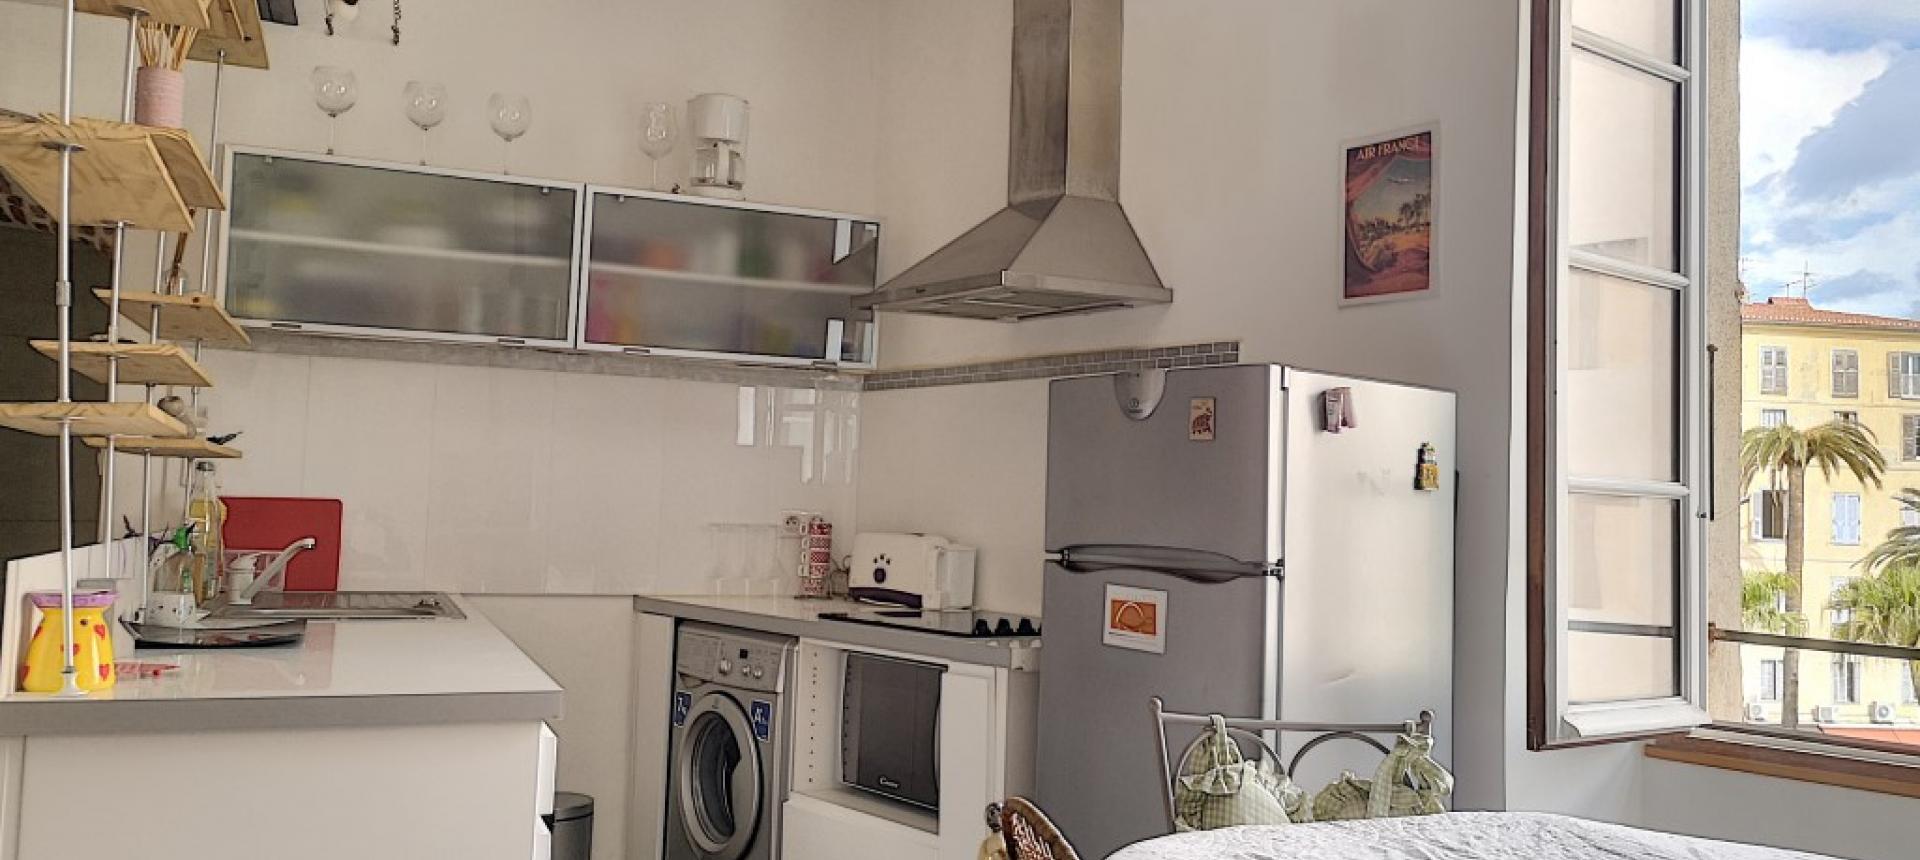 F2 meublé à louer au cœur de la ville d'Ajaccio  coin cuisine